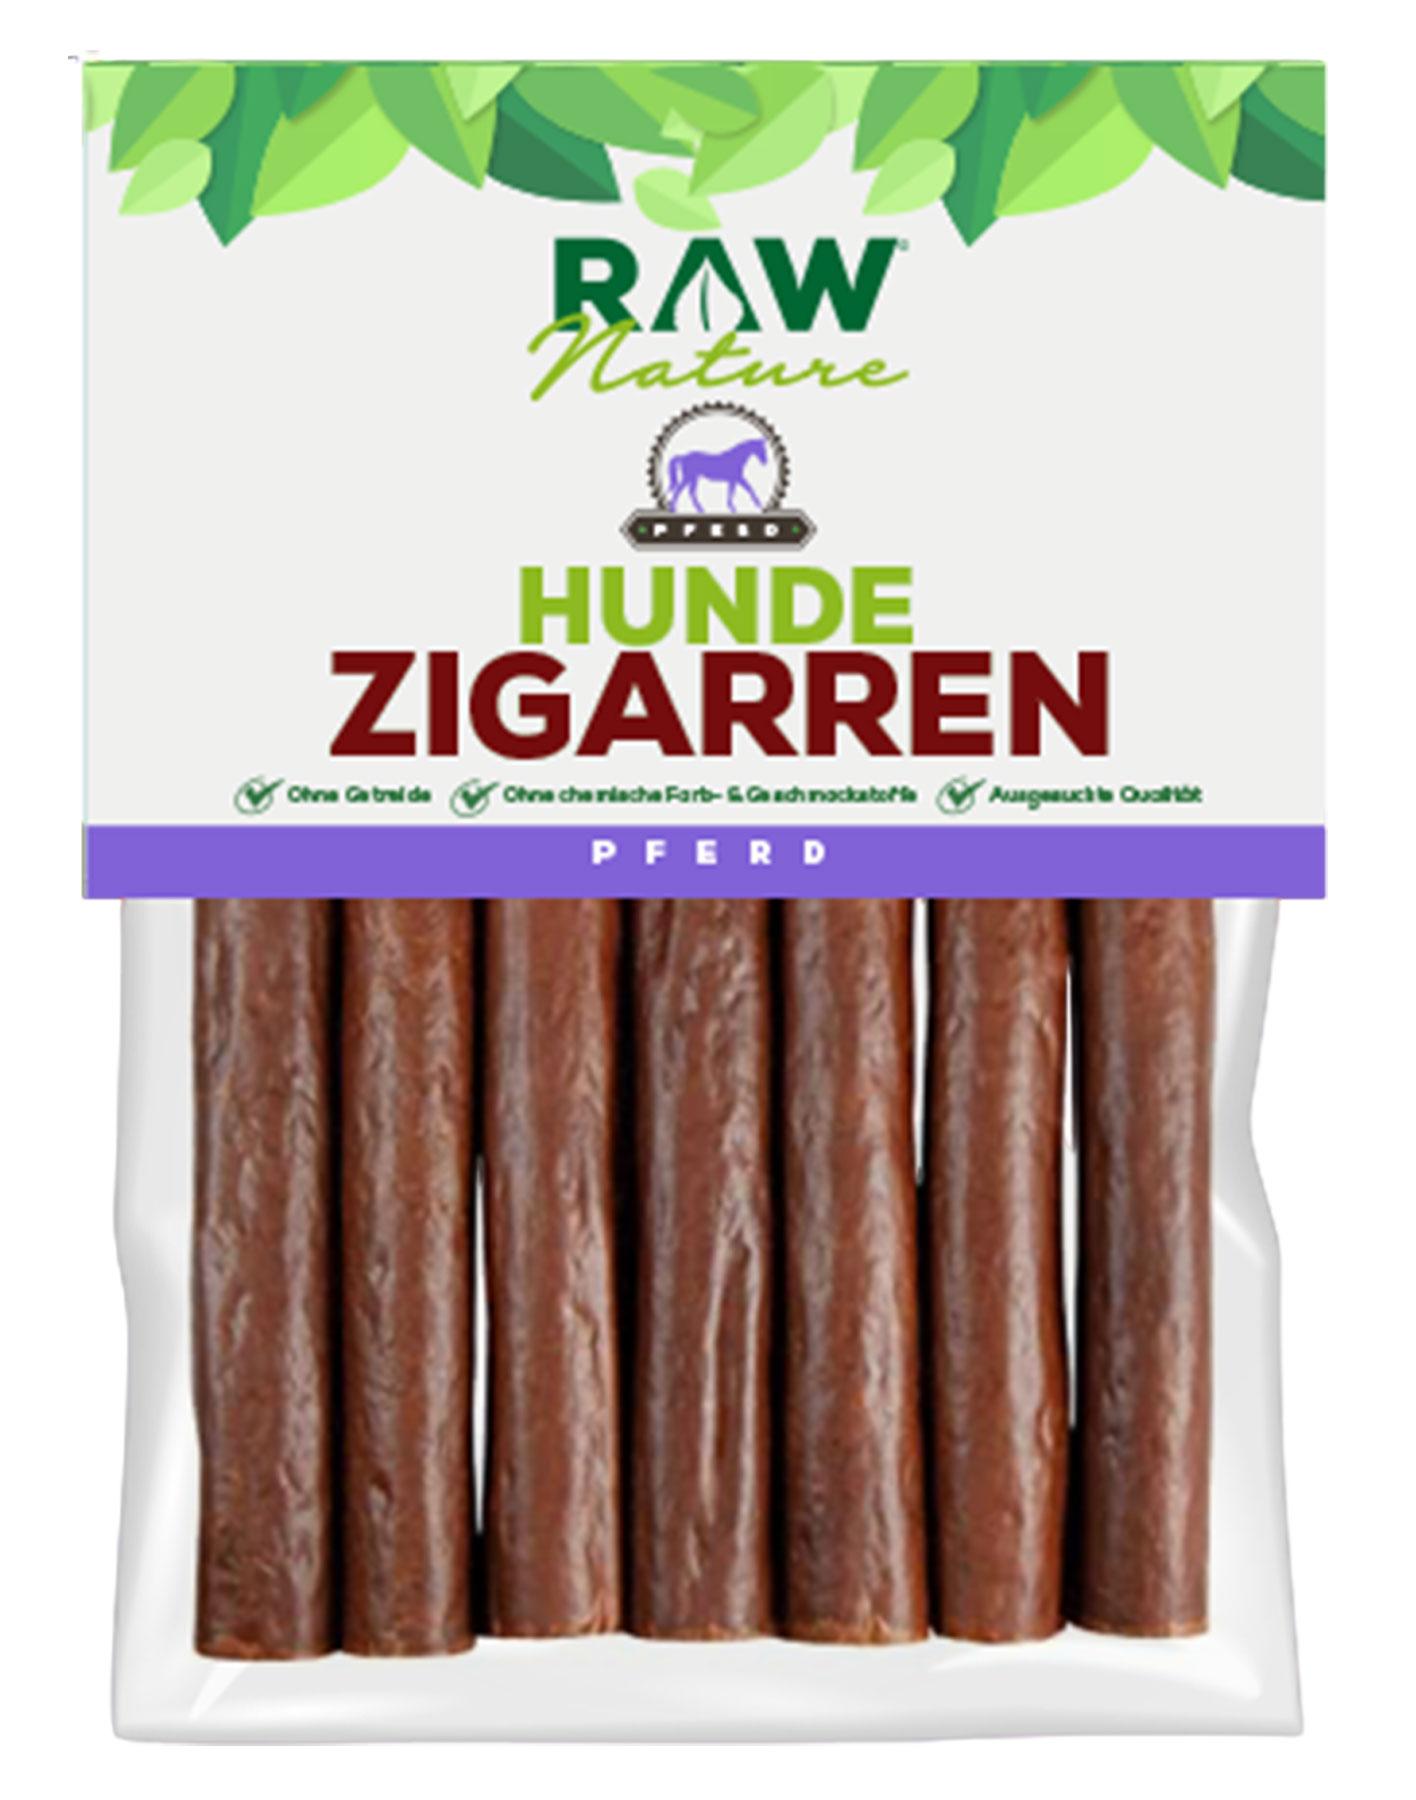 RawNature_Hunde_Zigarren_Pferd